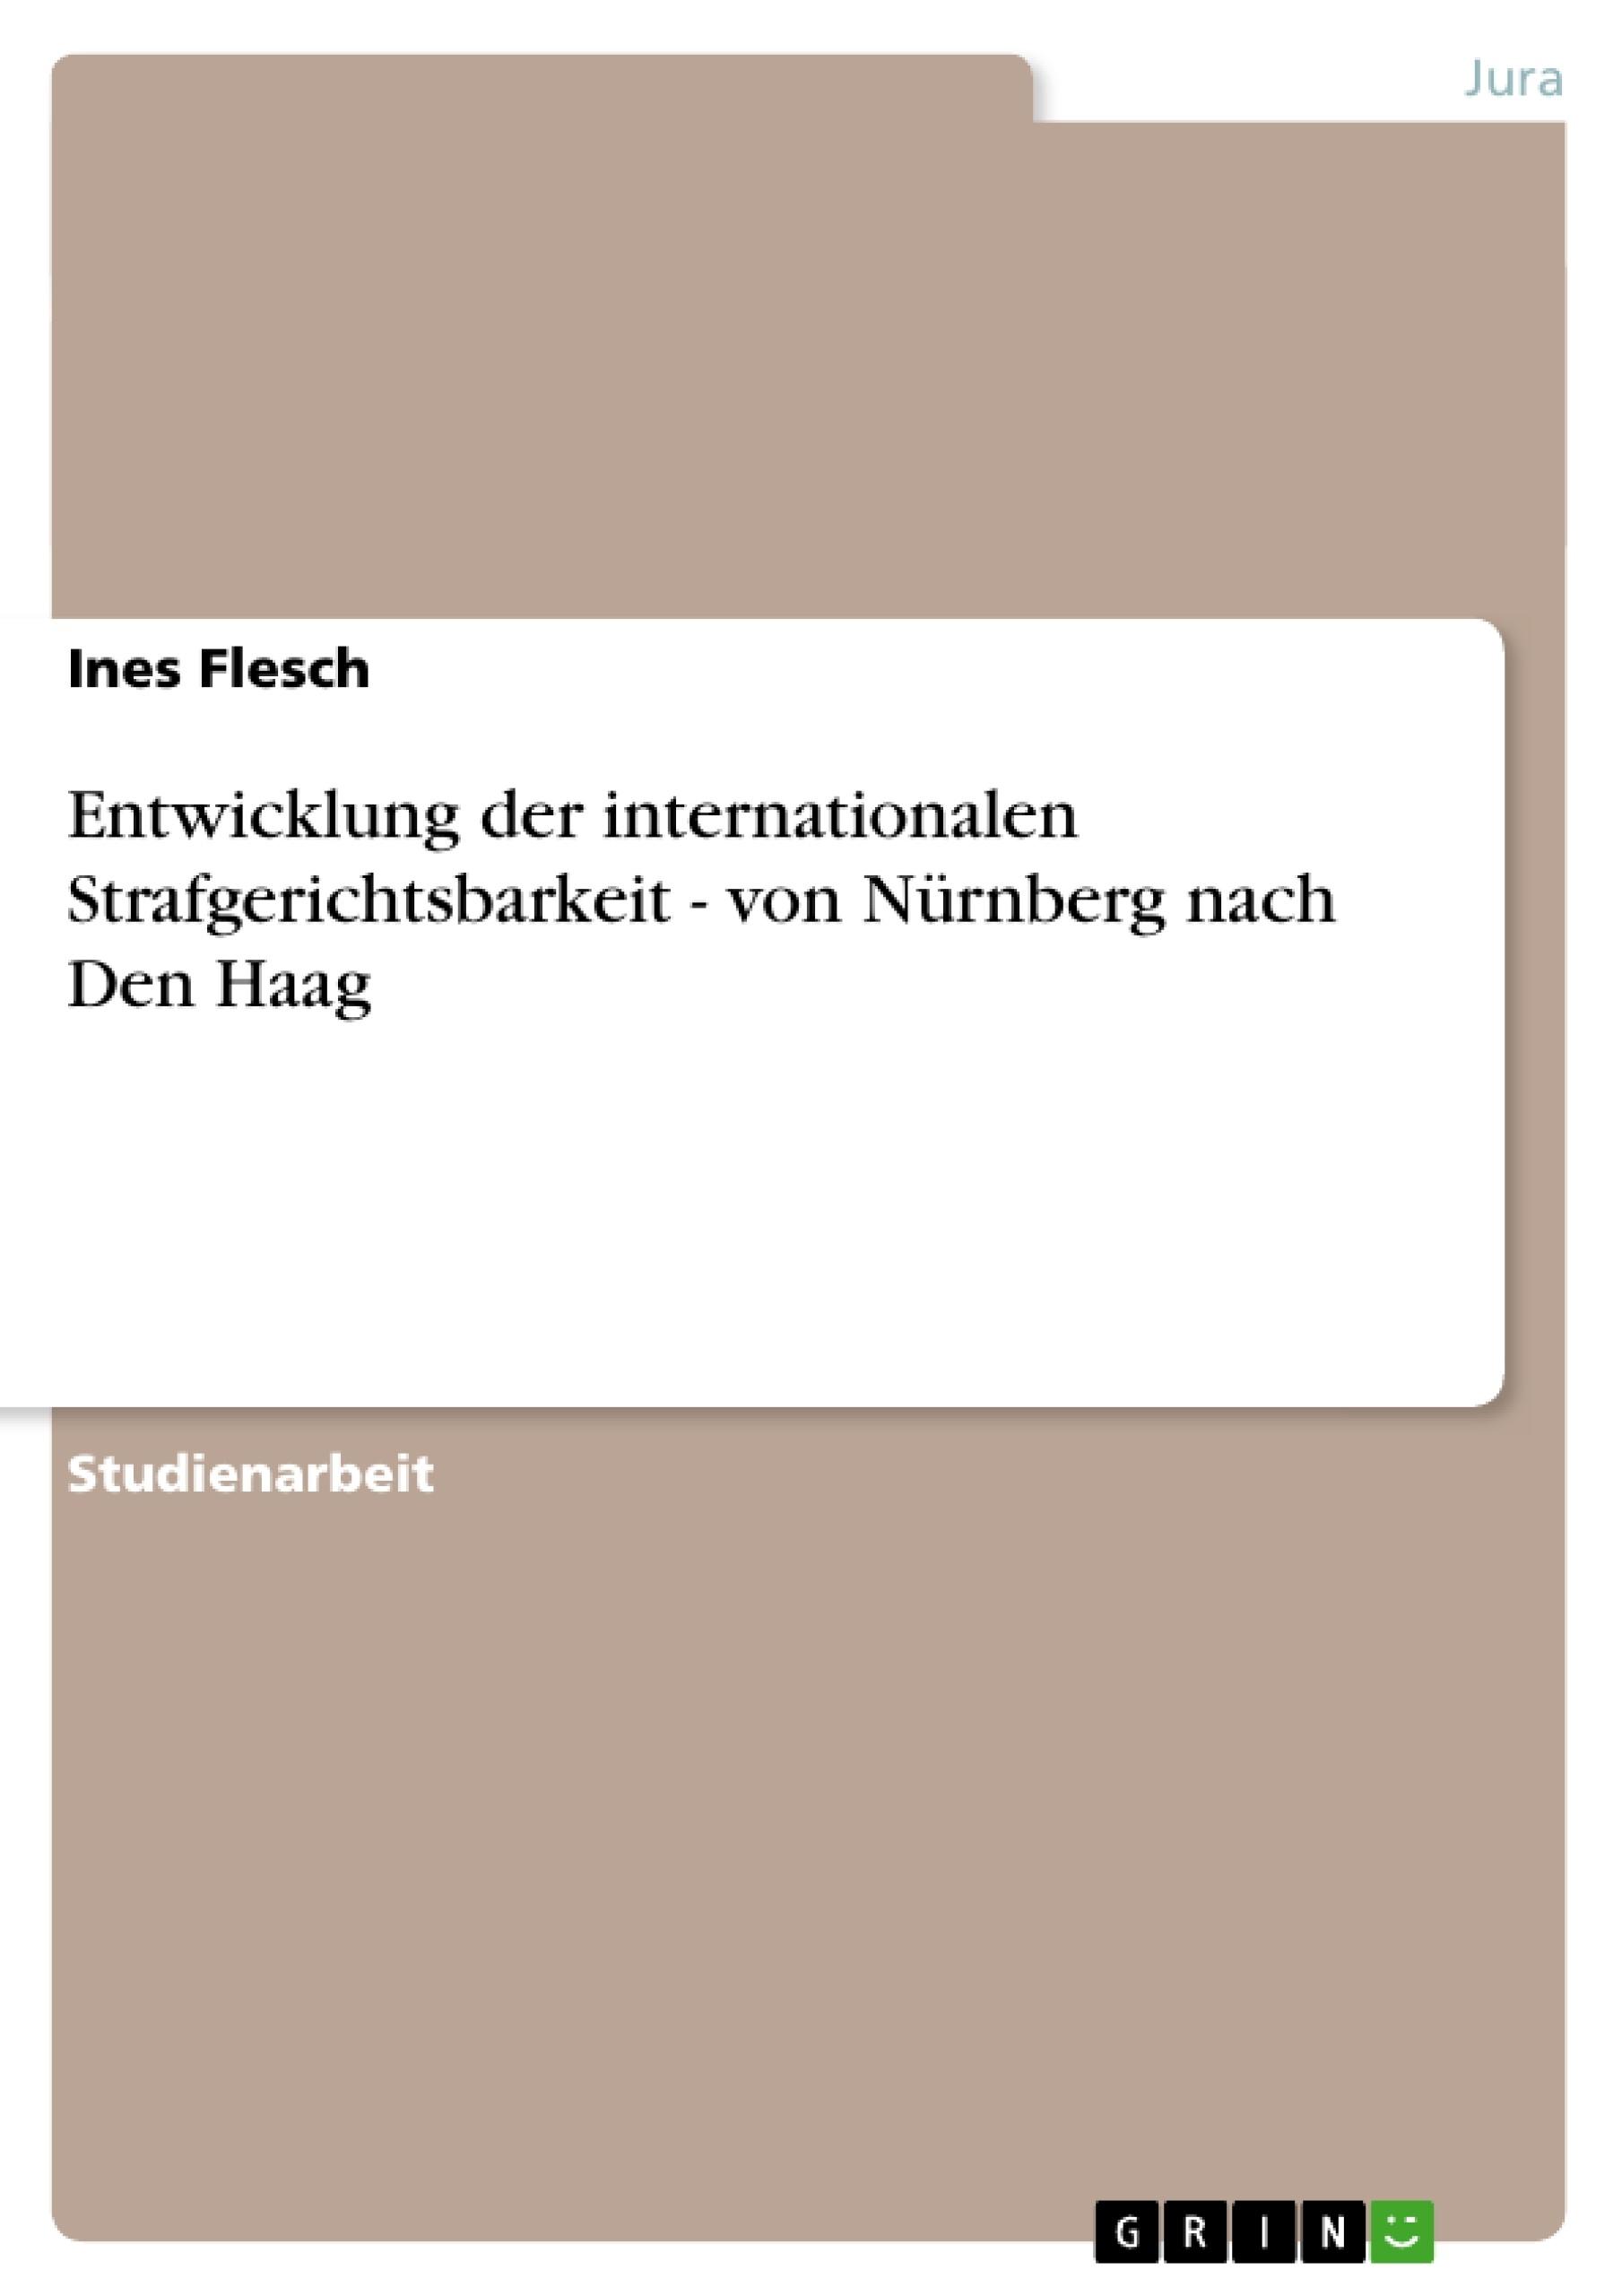 Titel: Entwicklung der internationalen Strafgerichtsbarkeit  - von Nürnberg nach Den Haag